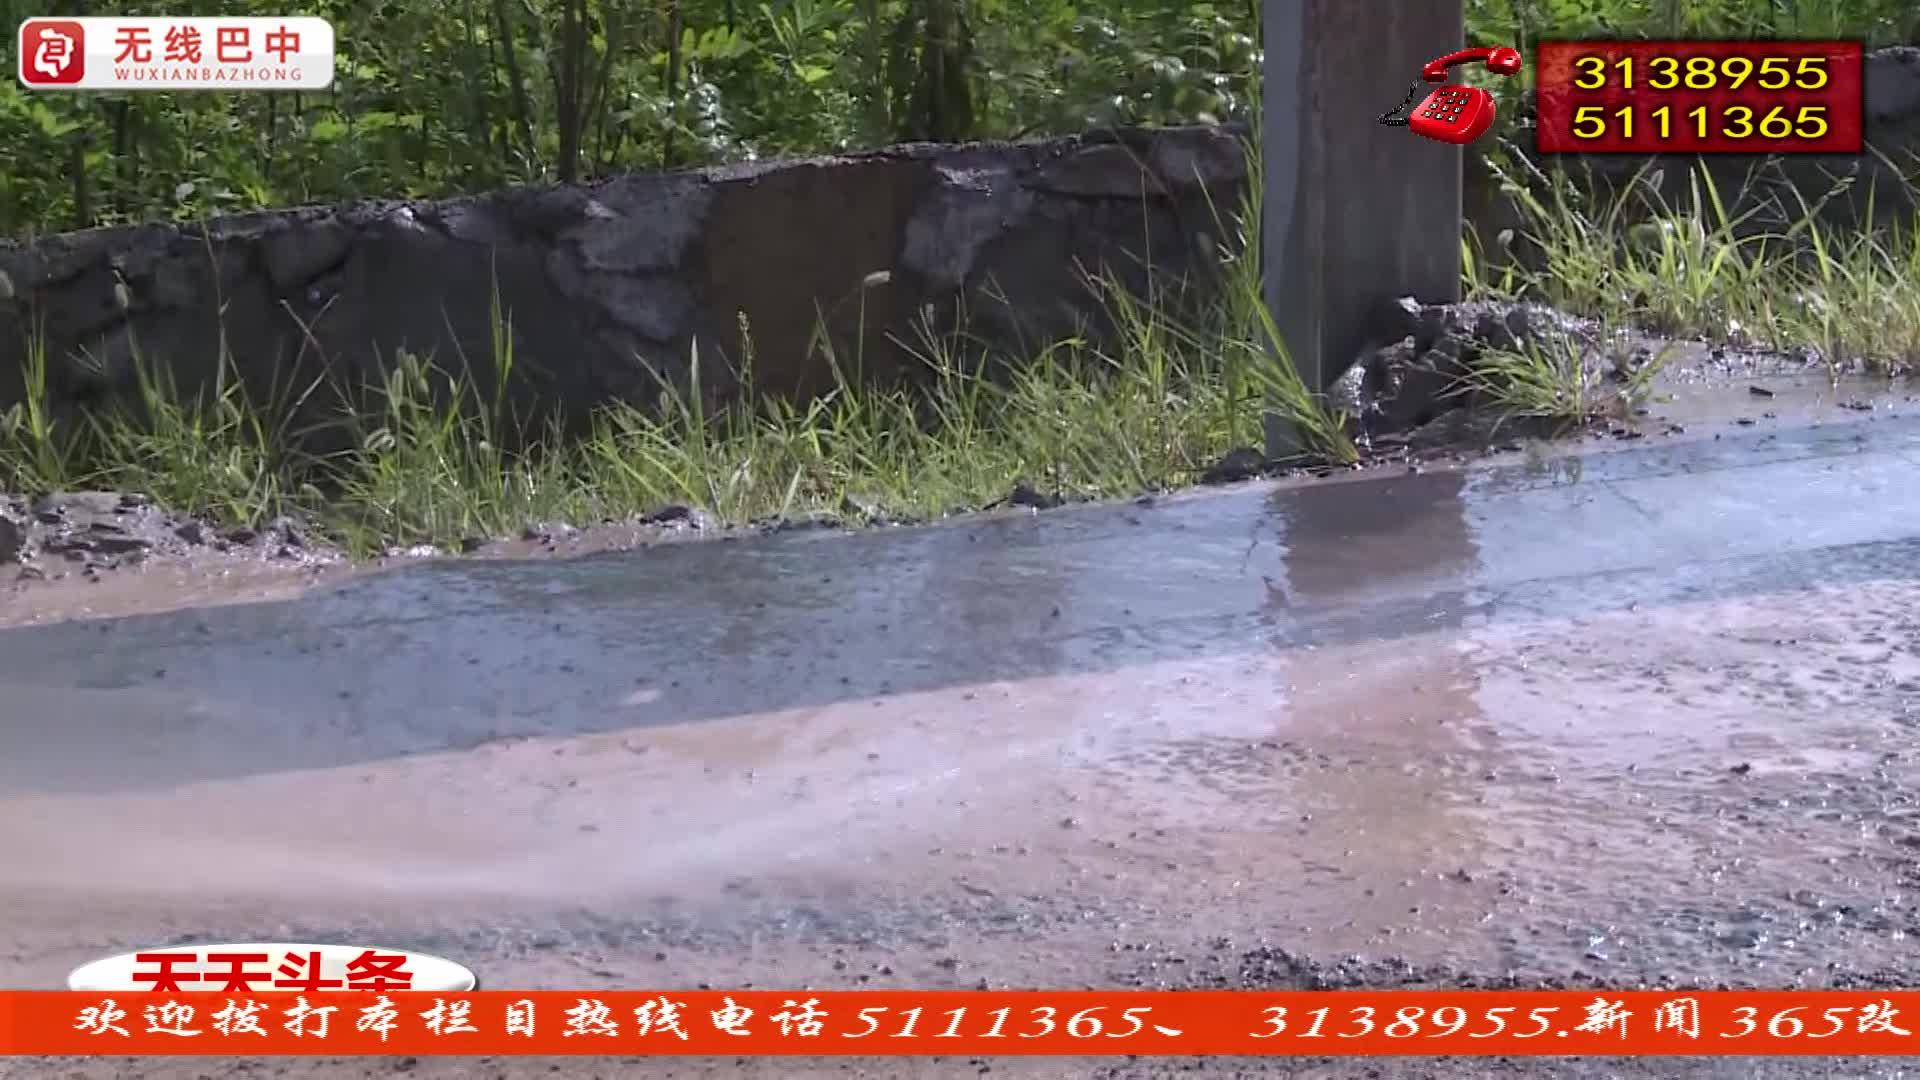 高温下的坚守:养路工人护路守平安